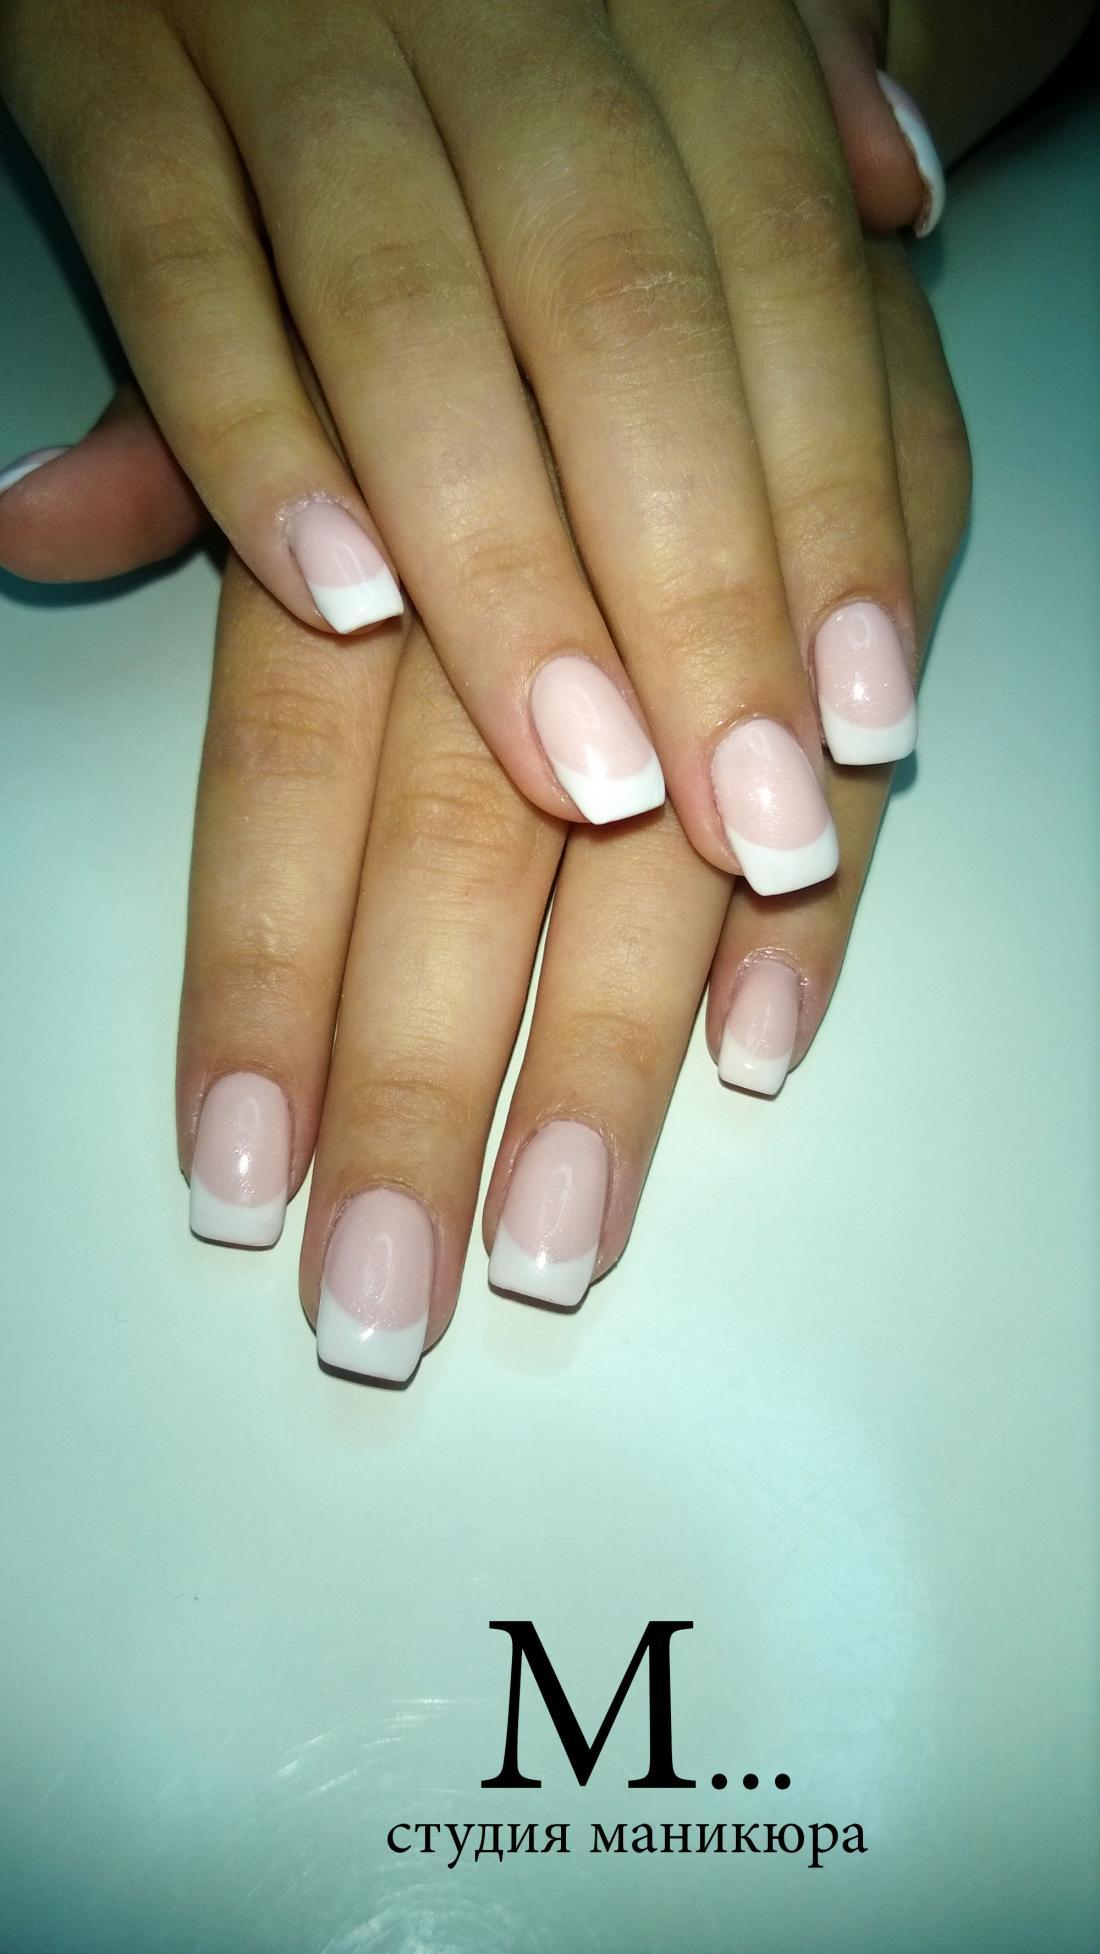 Комплексы: маникюр, педикюр, покрытие, наращивание, ламинирование ногтей от 10 руб.